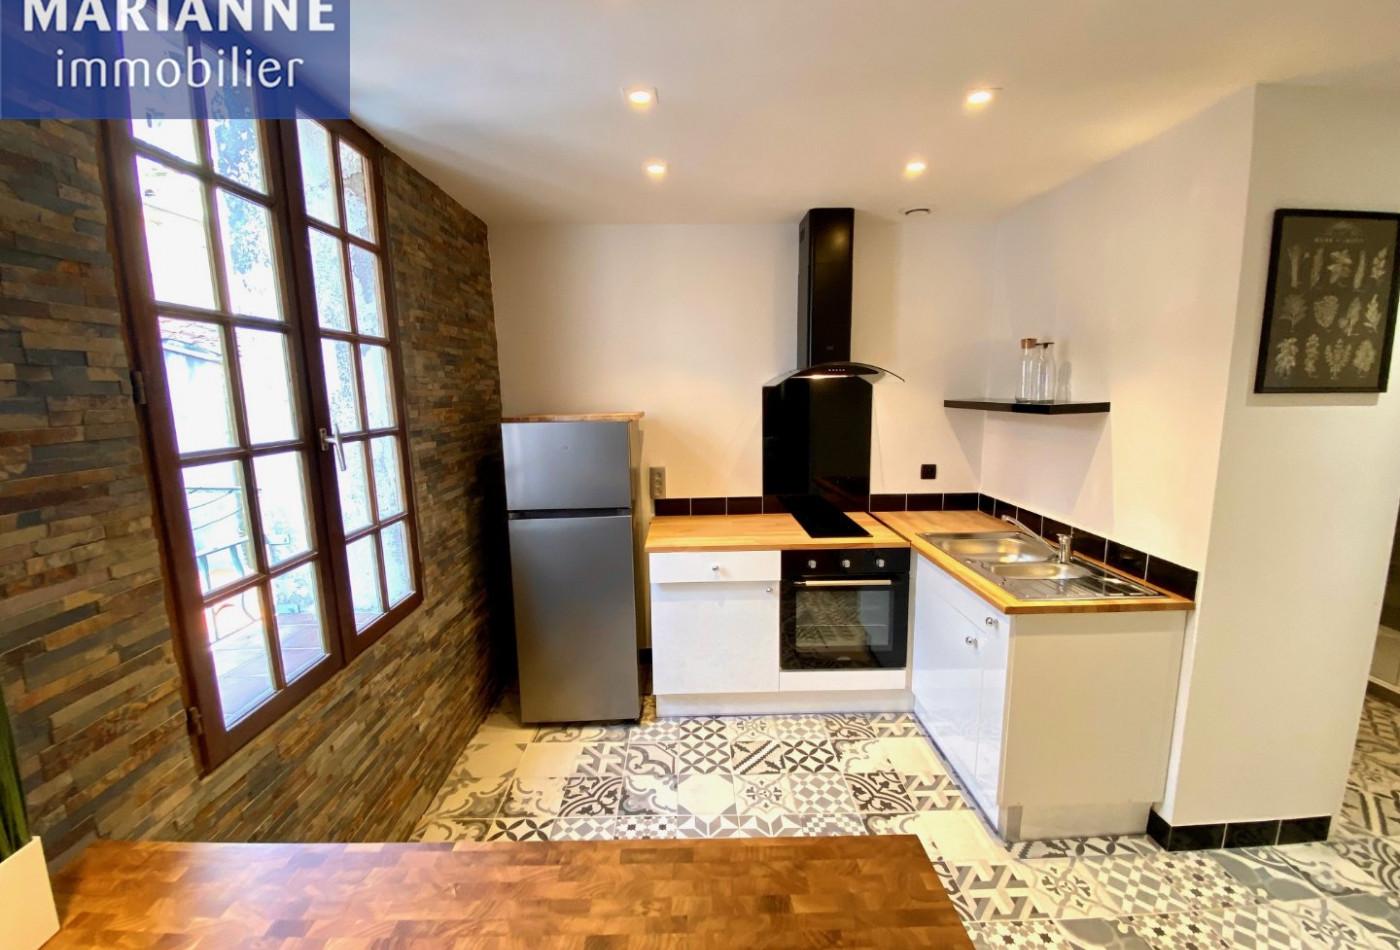 A vendre  Sete | Réf 344176214 - Marianne immobilier